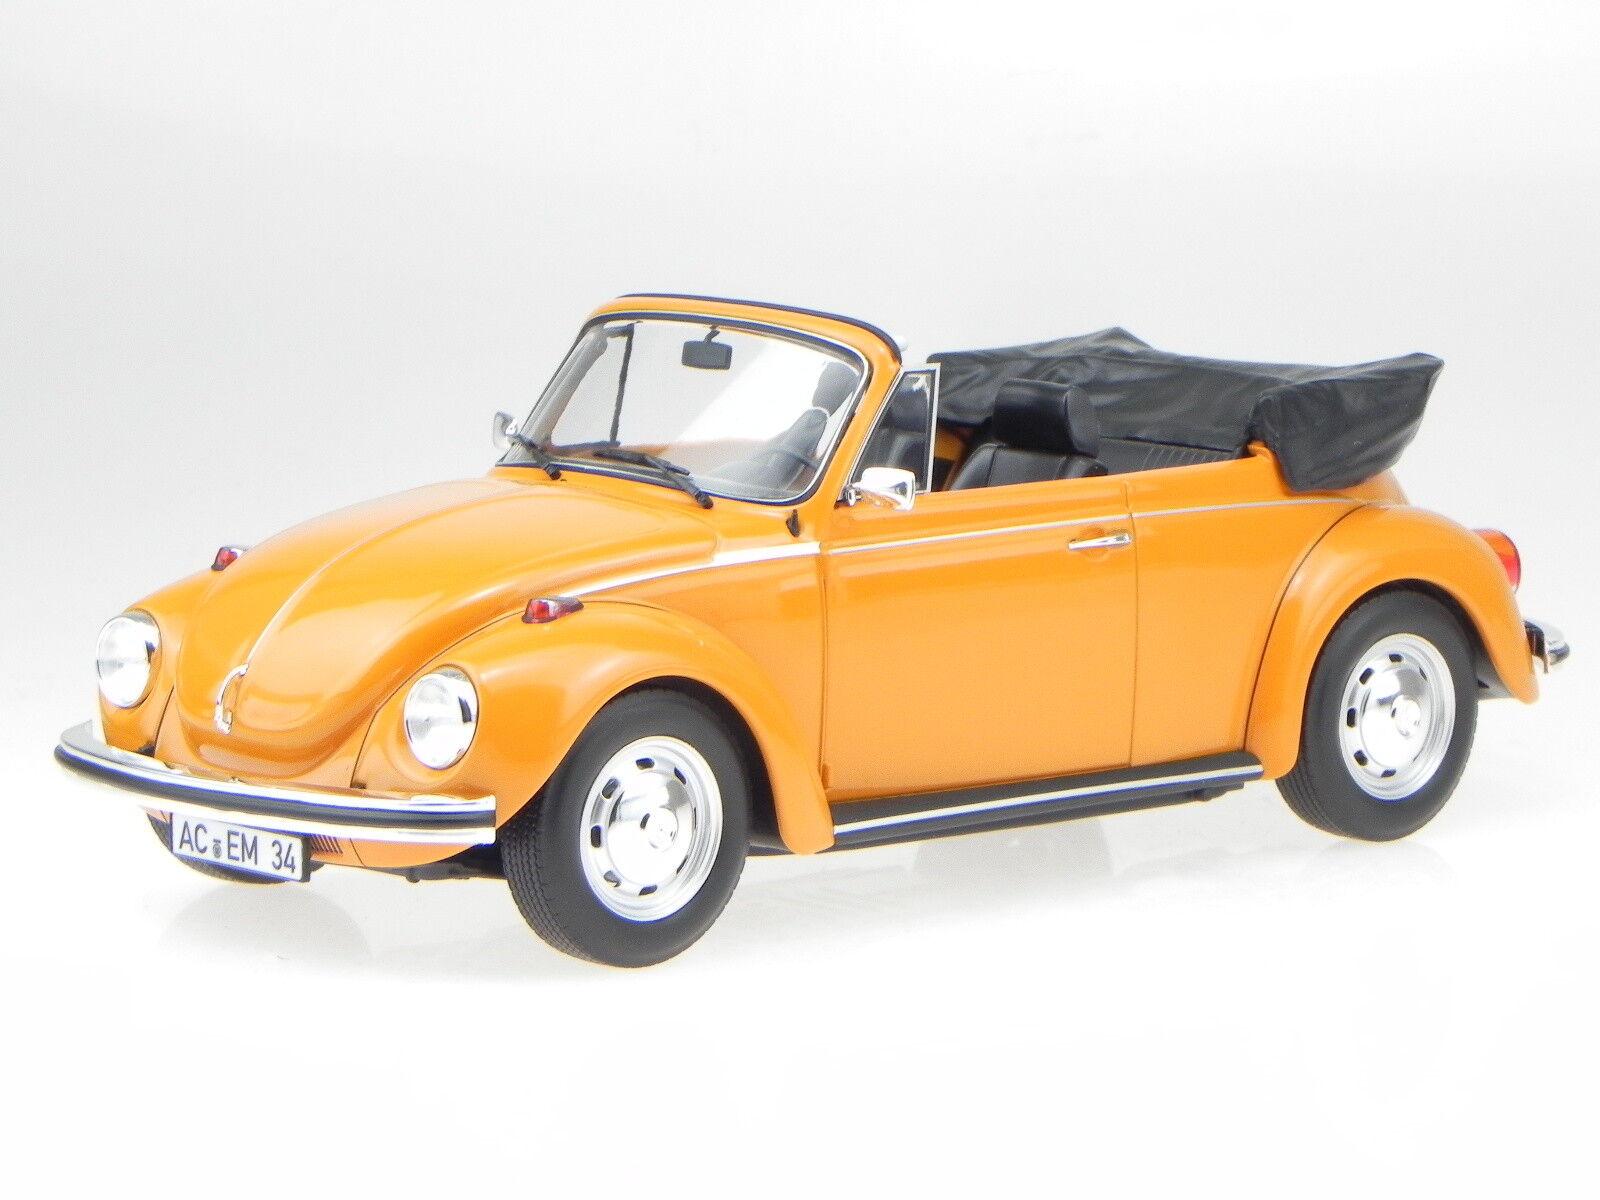 VW K fer 1303 Cabrio 1972 orange véhicule miniature 188521 Norev 1:18 | Sortie  | Shop  | Conception Habile  | Outlet